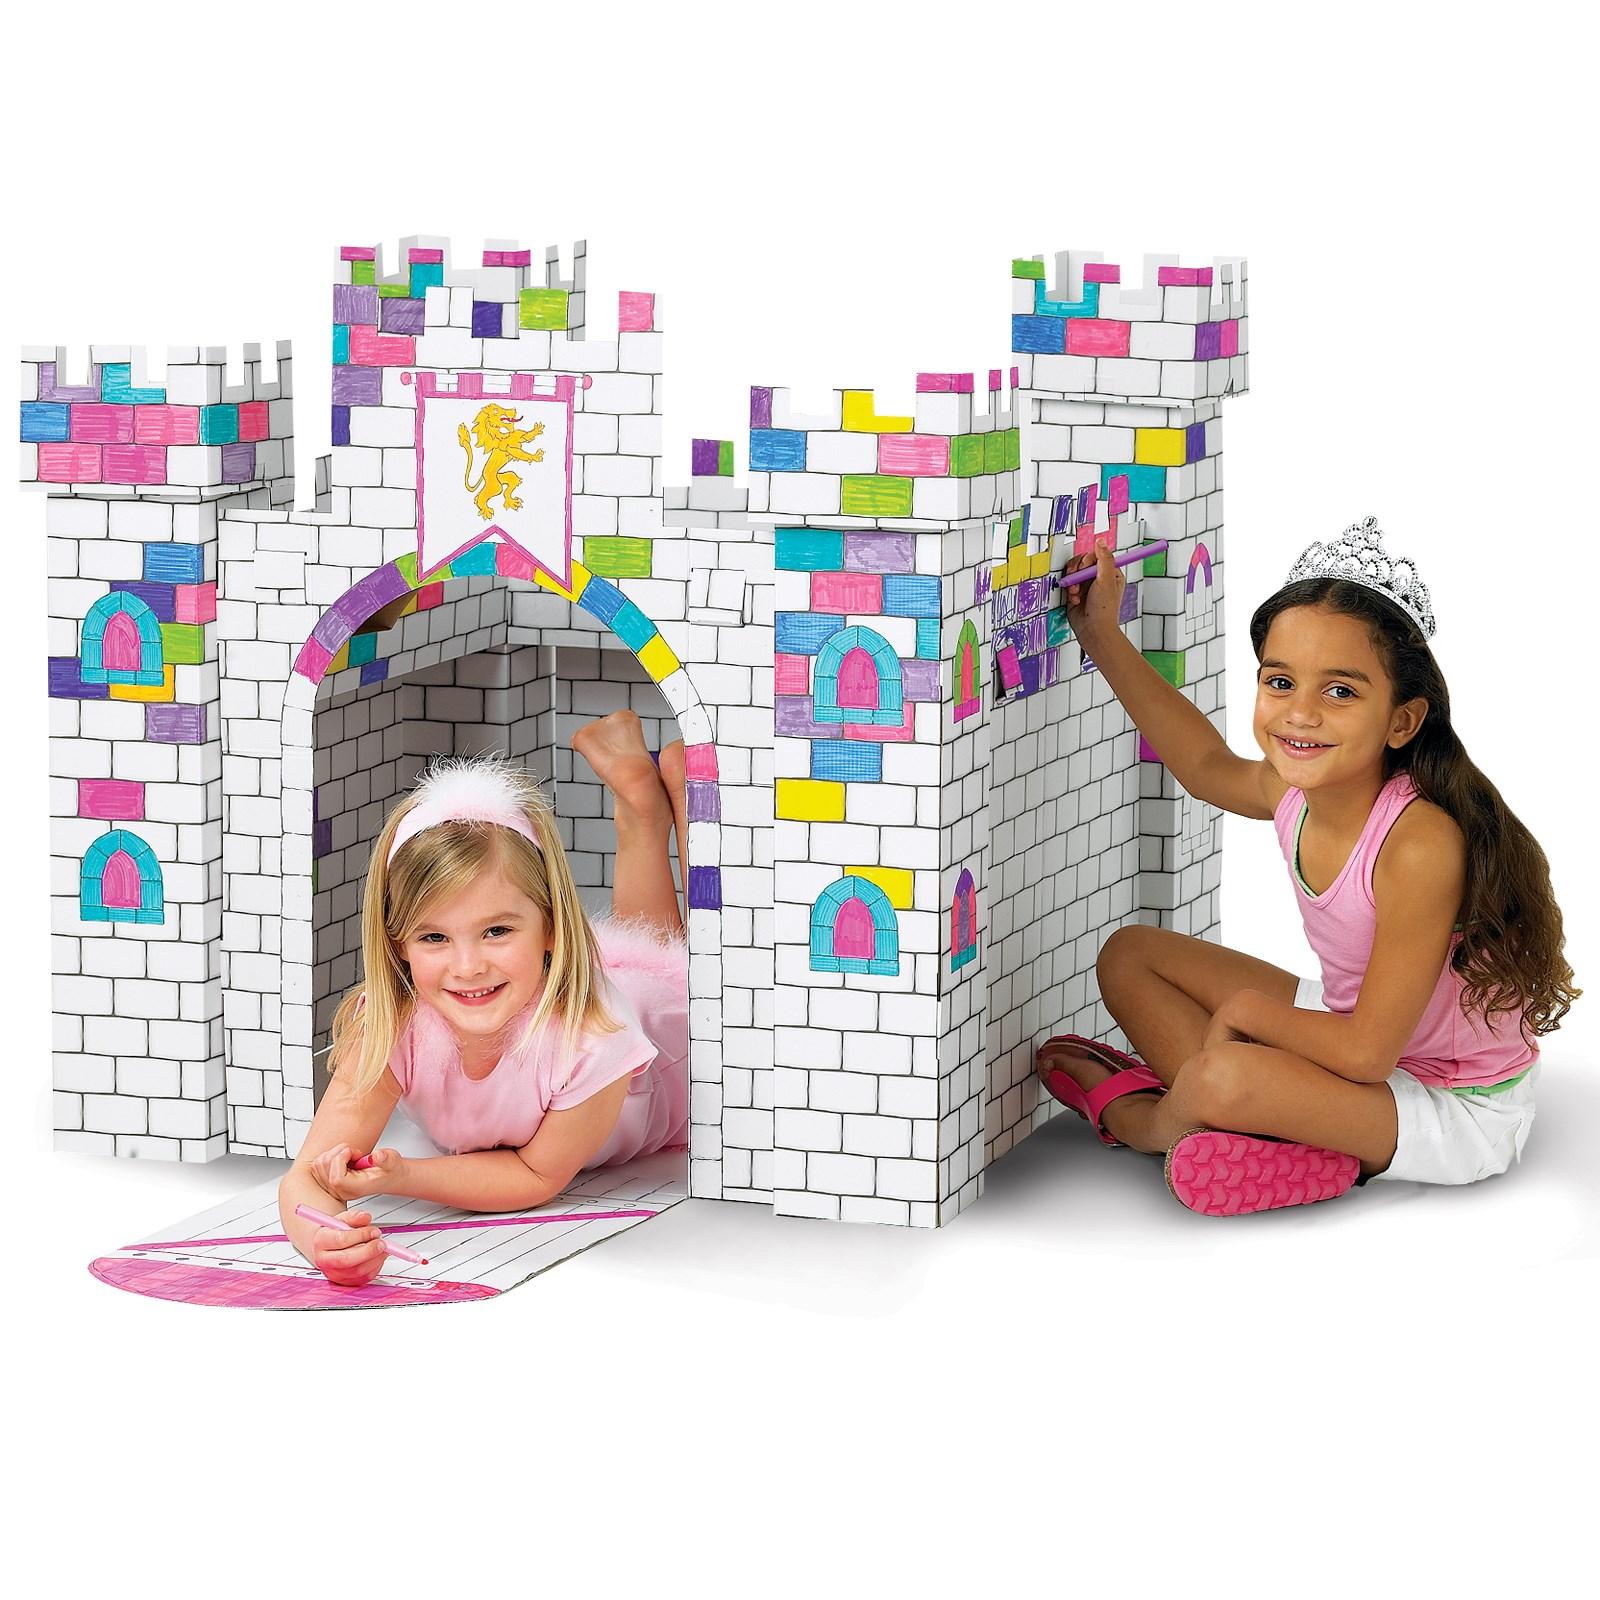 coloring castle - Coloring Castle